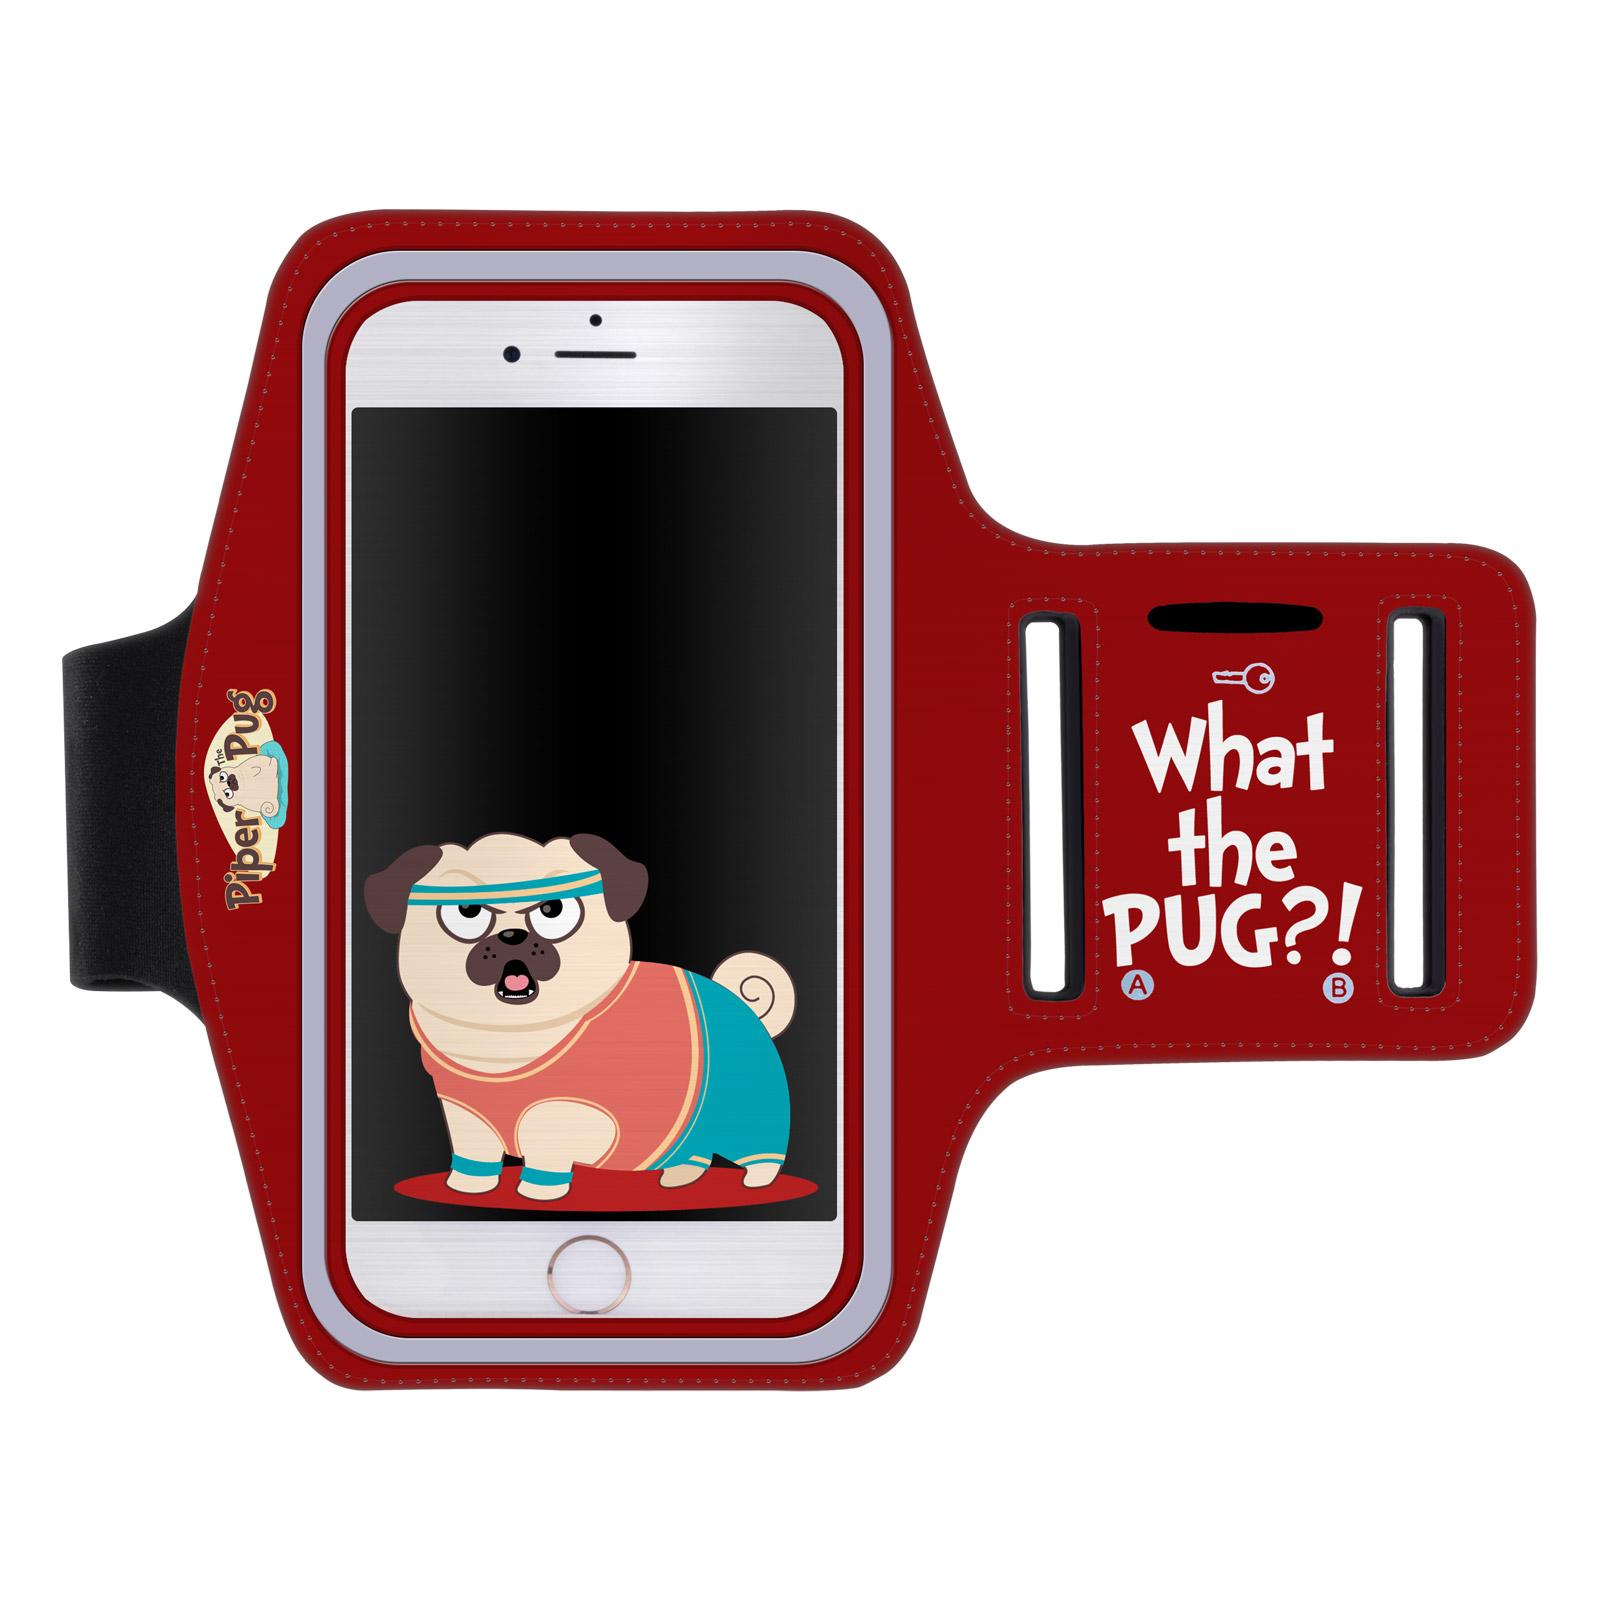 """Sportovní pouzdro na ruku MOPS pro mobily do 5,5"""" iPhone 6 Plus/ S7 Edge červené (Pouzdro na běhání pro mobilní telefony do 5,5 palců)"""